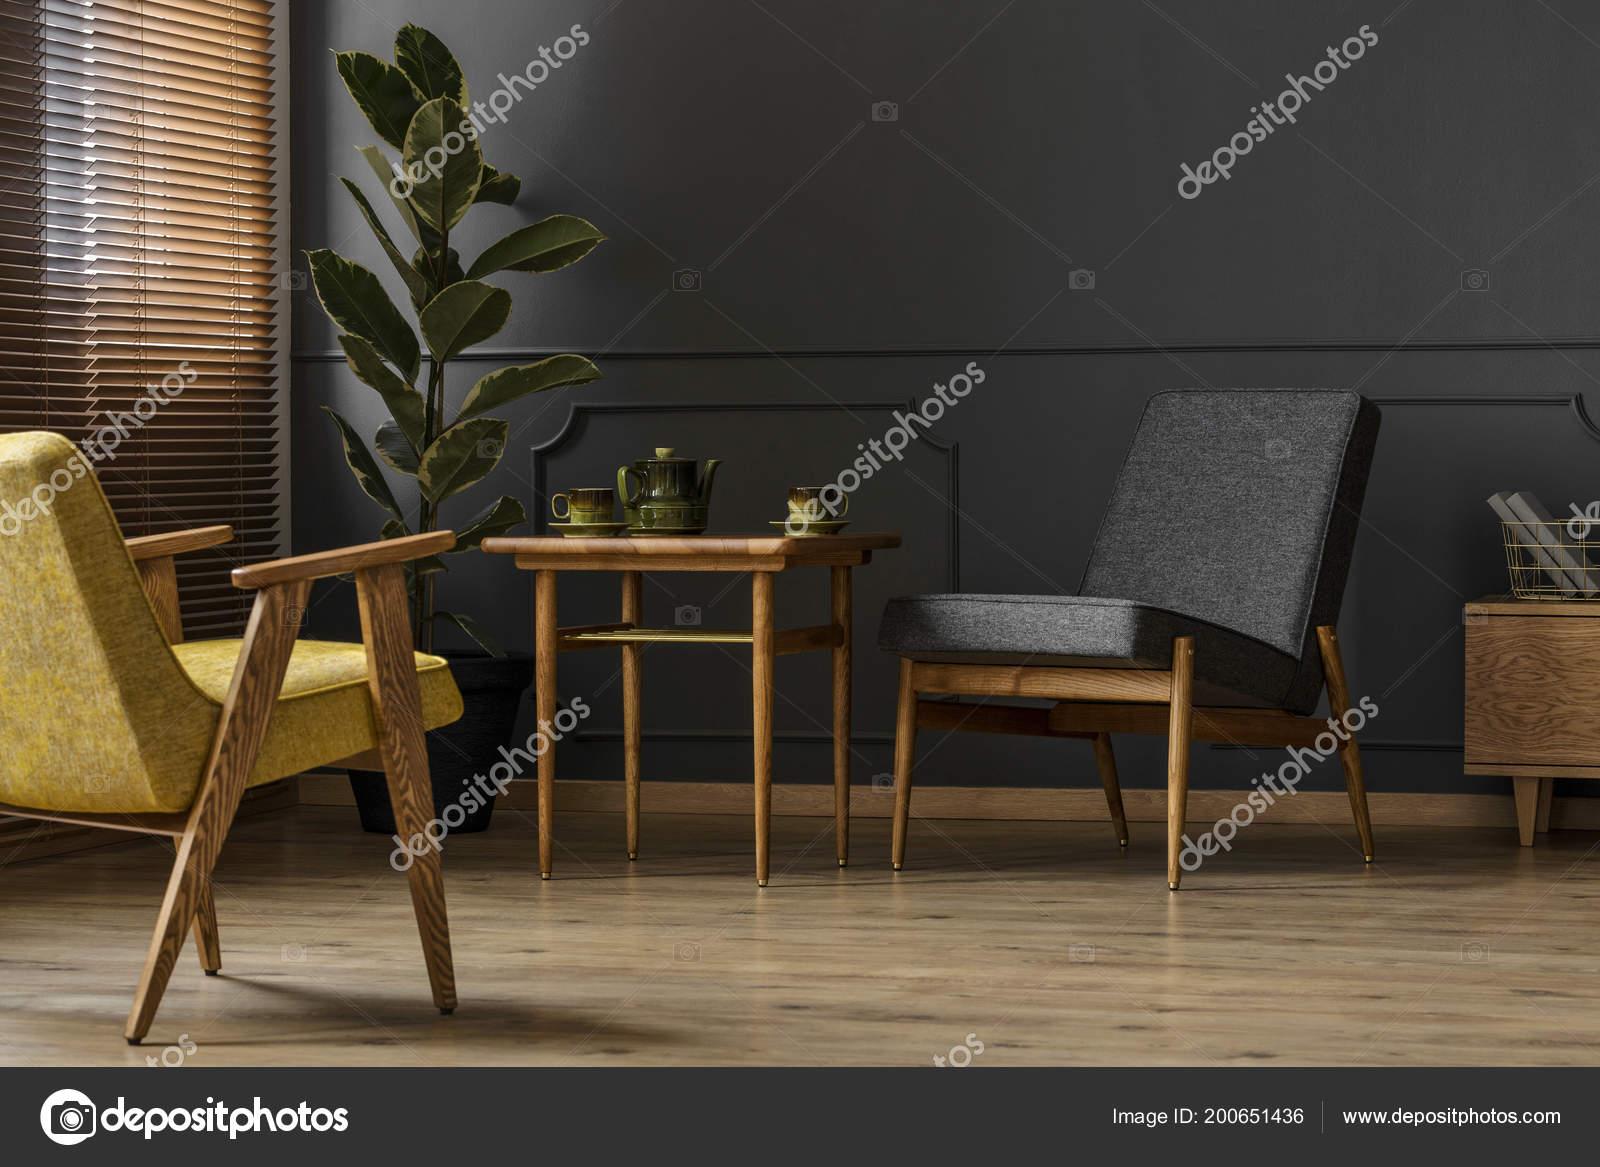 Concetto interno semplice scuro retro salone con due sedie